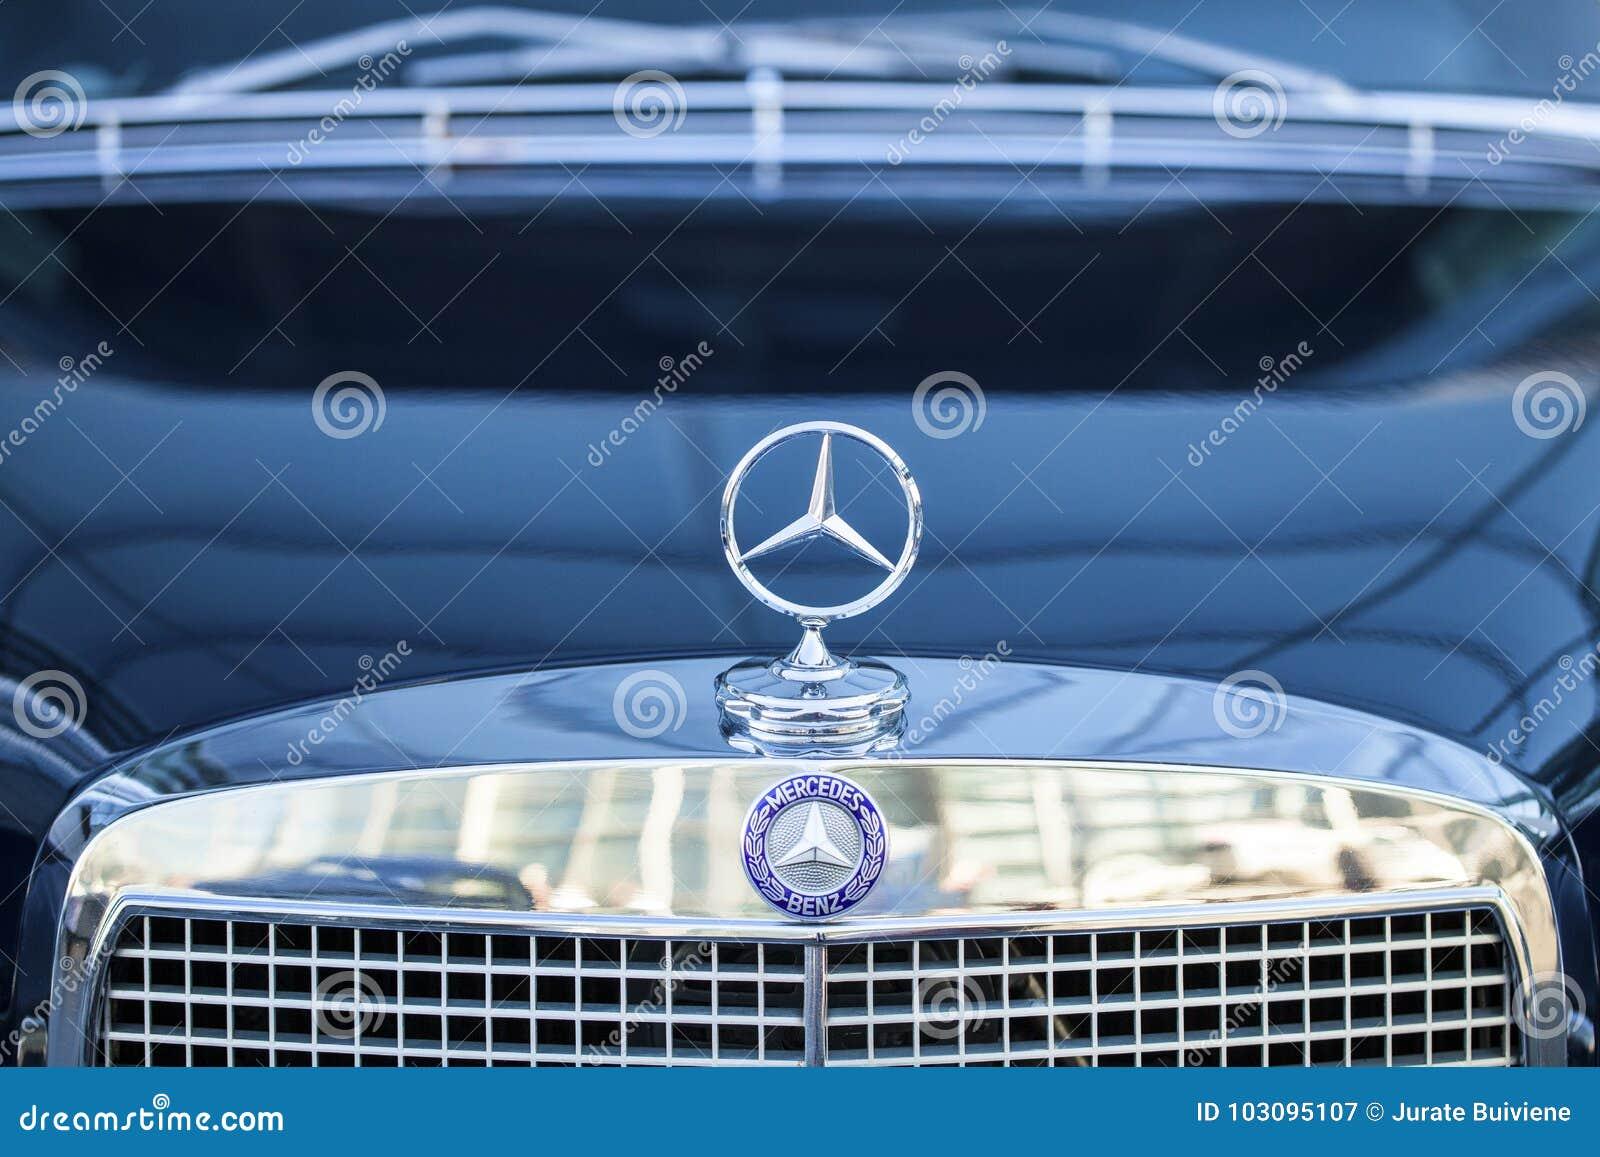 Mercedes Teken Redactionele Fotografie Afbeelding Bestaande Uit